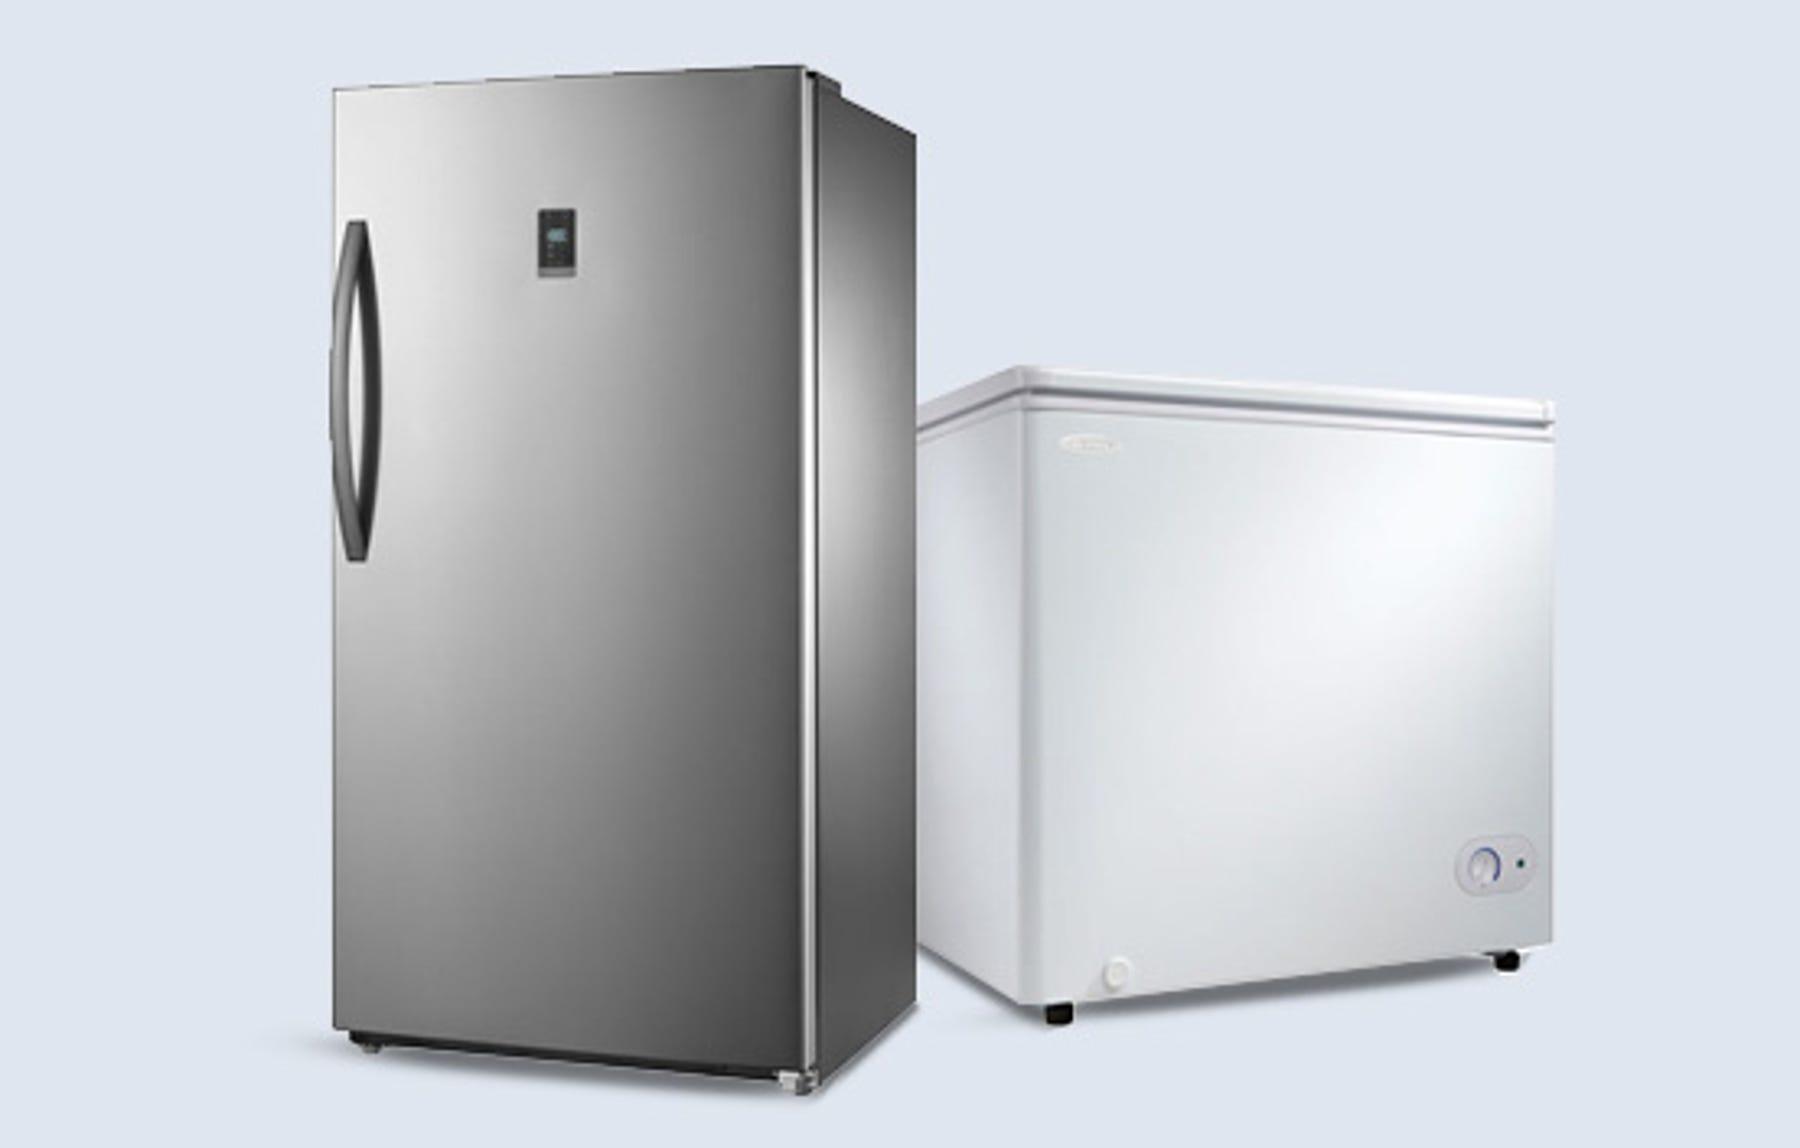 rabais de premier ordre vente pas cher meilleurs prix Congélateurs : Réfrigérateurs et congélateurs   Best Buy Canada